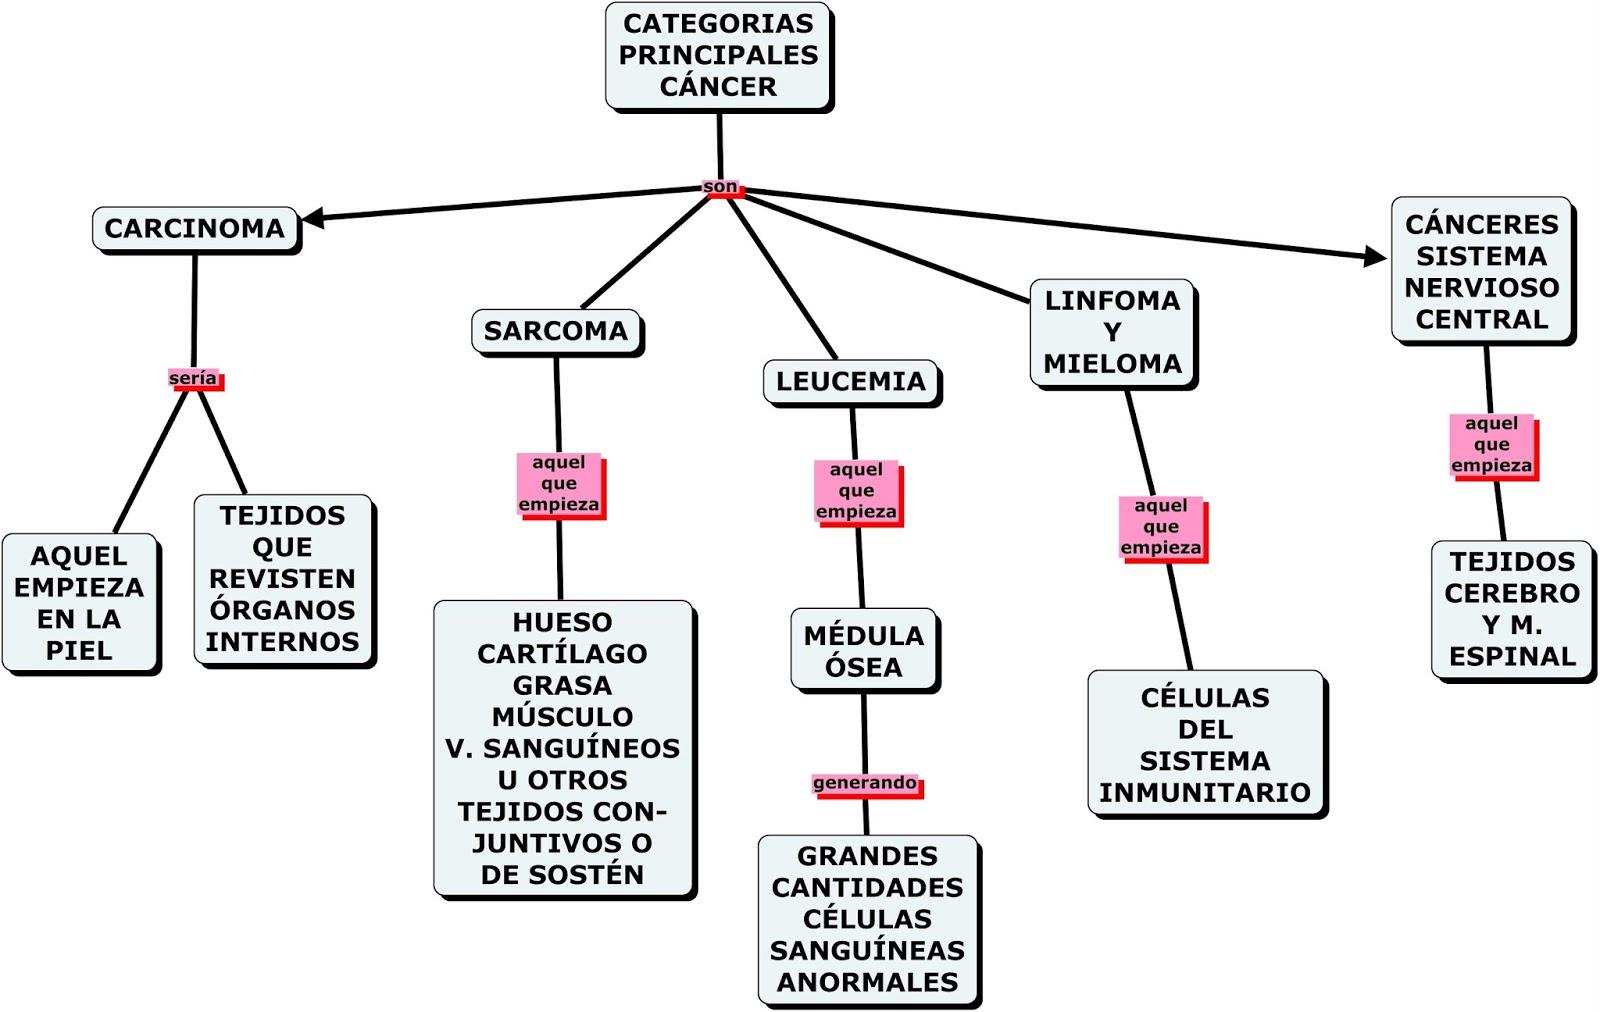 mapas conceptuales mind maps